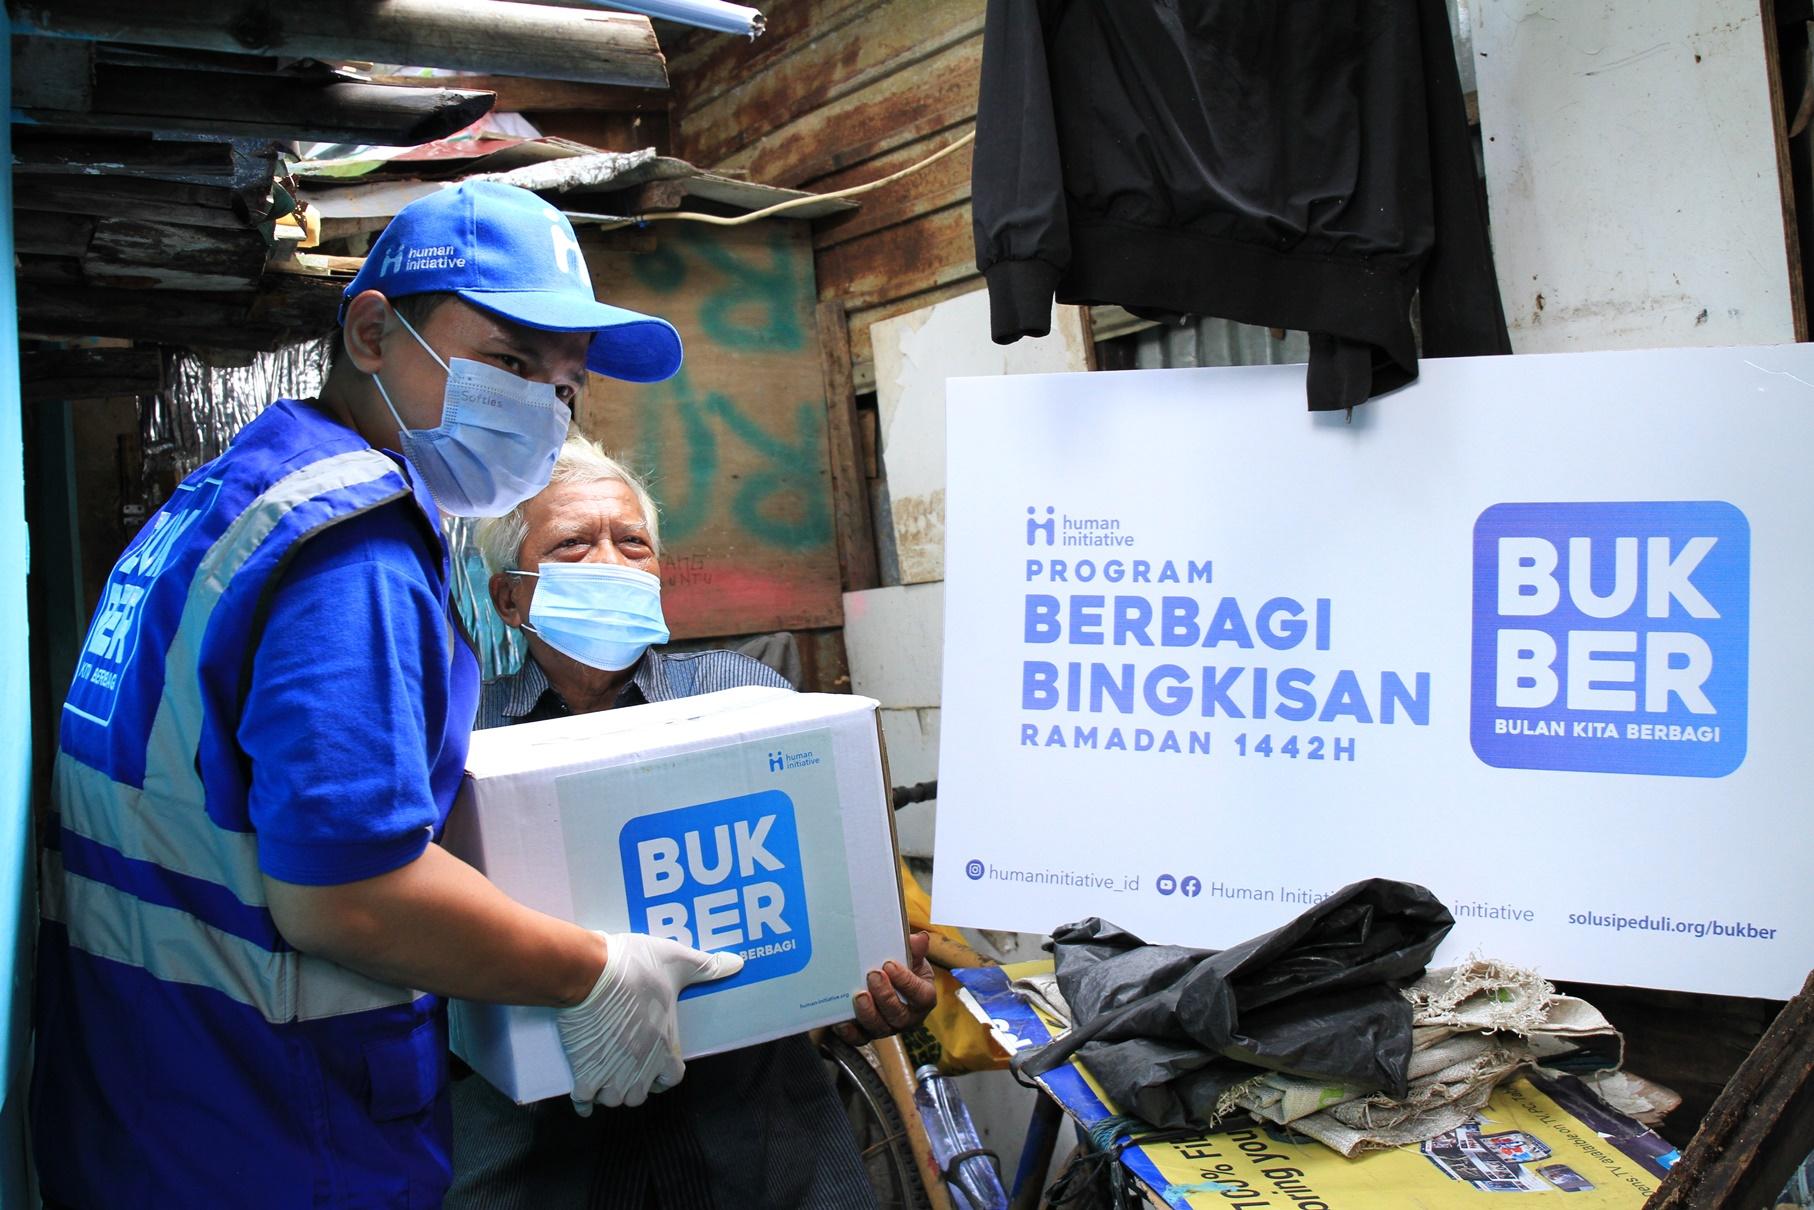 Relawan Human Initiative sedang mendistribusikan paket bingkisan Ramadan kepada penerima manfaat di kampong Gasong, Tebet.